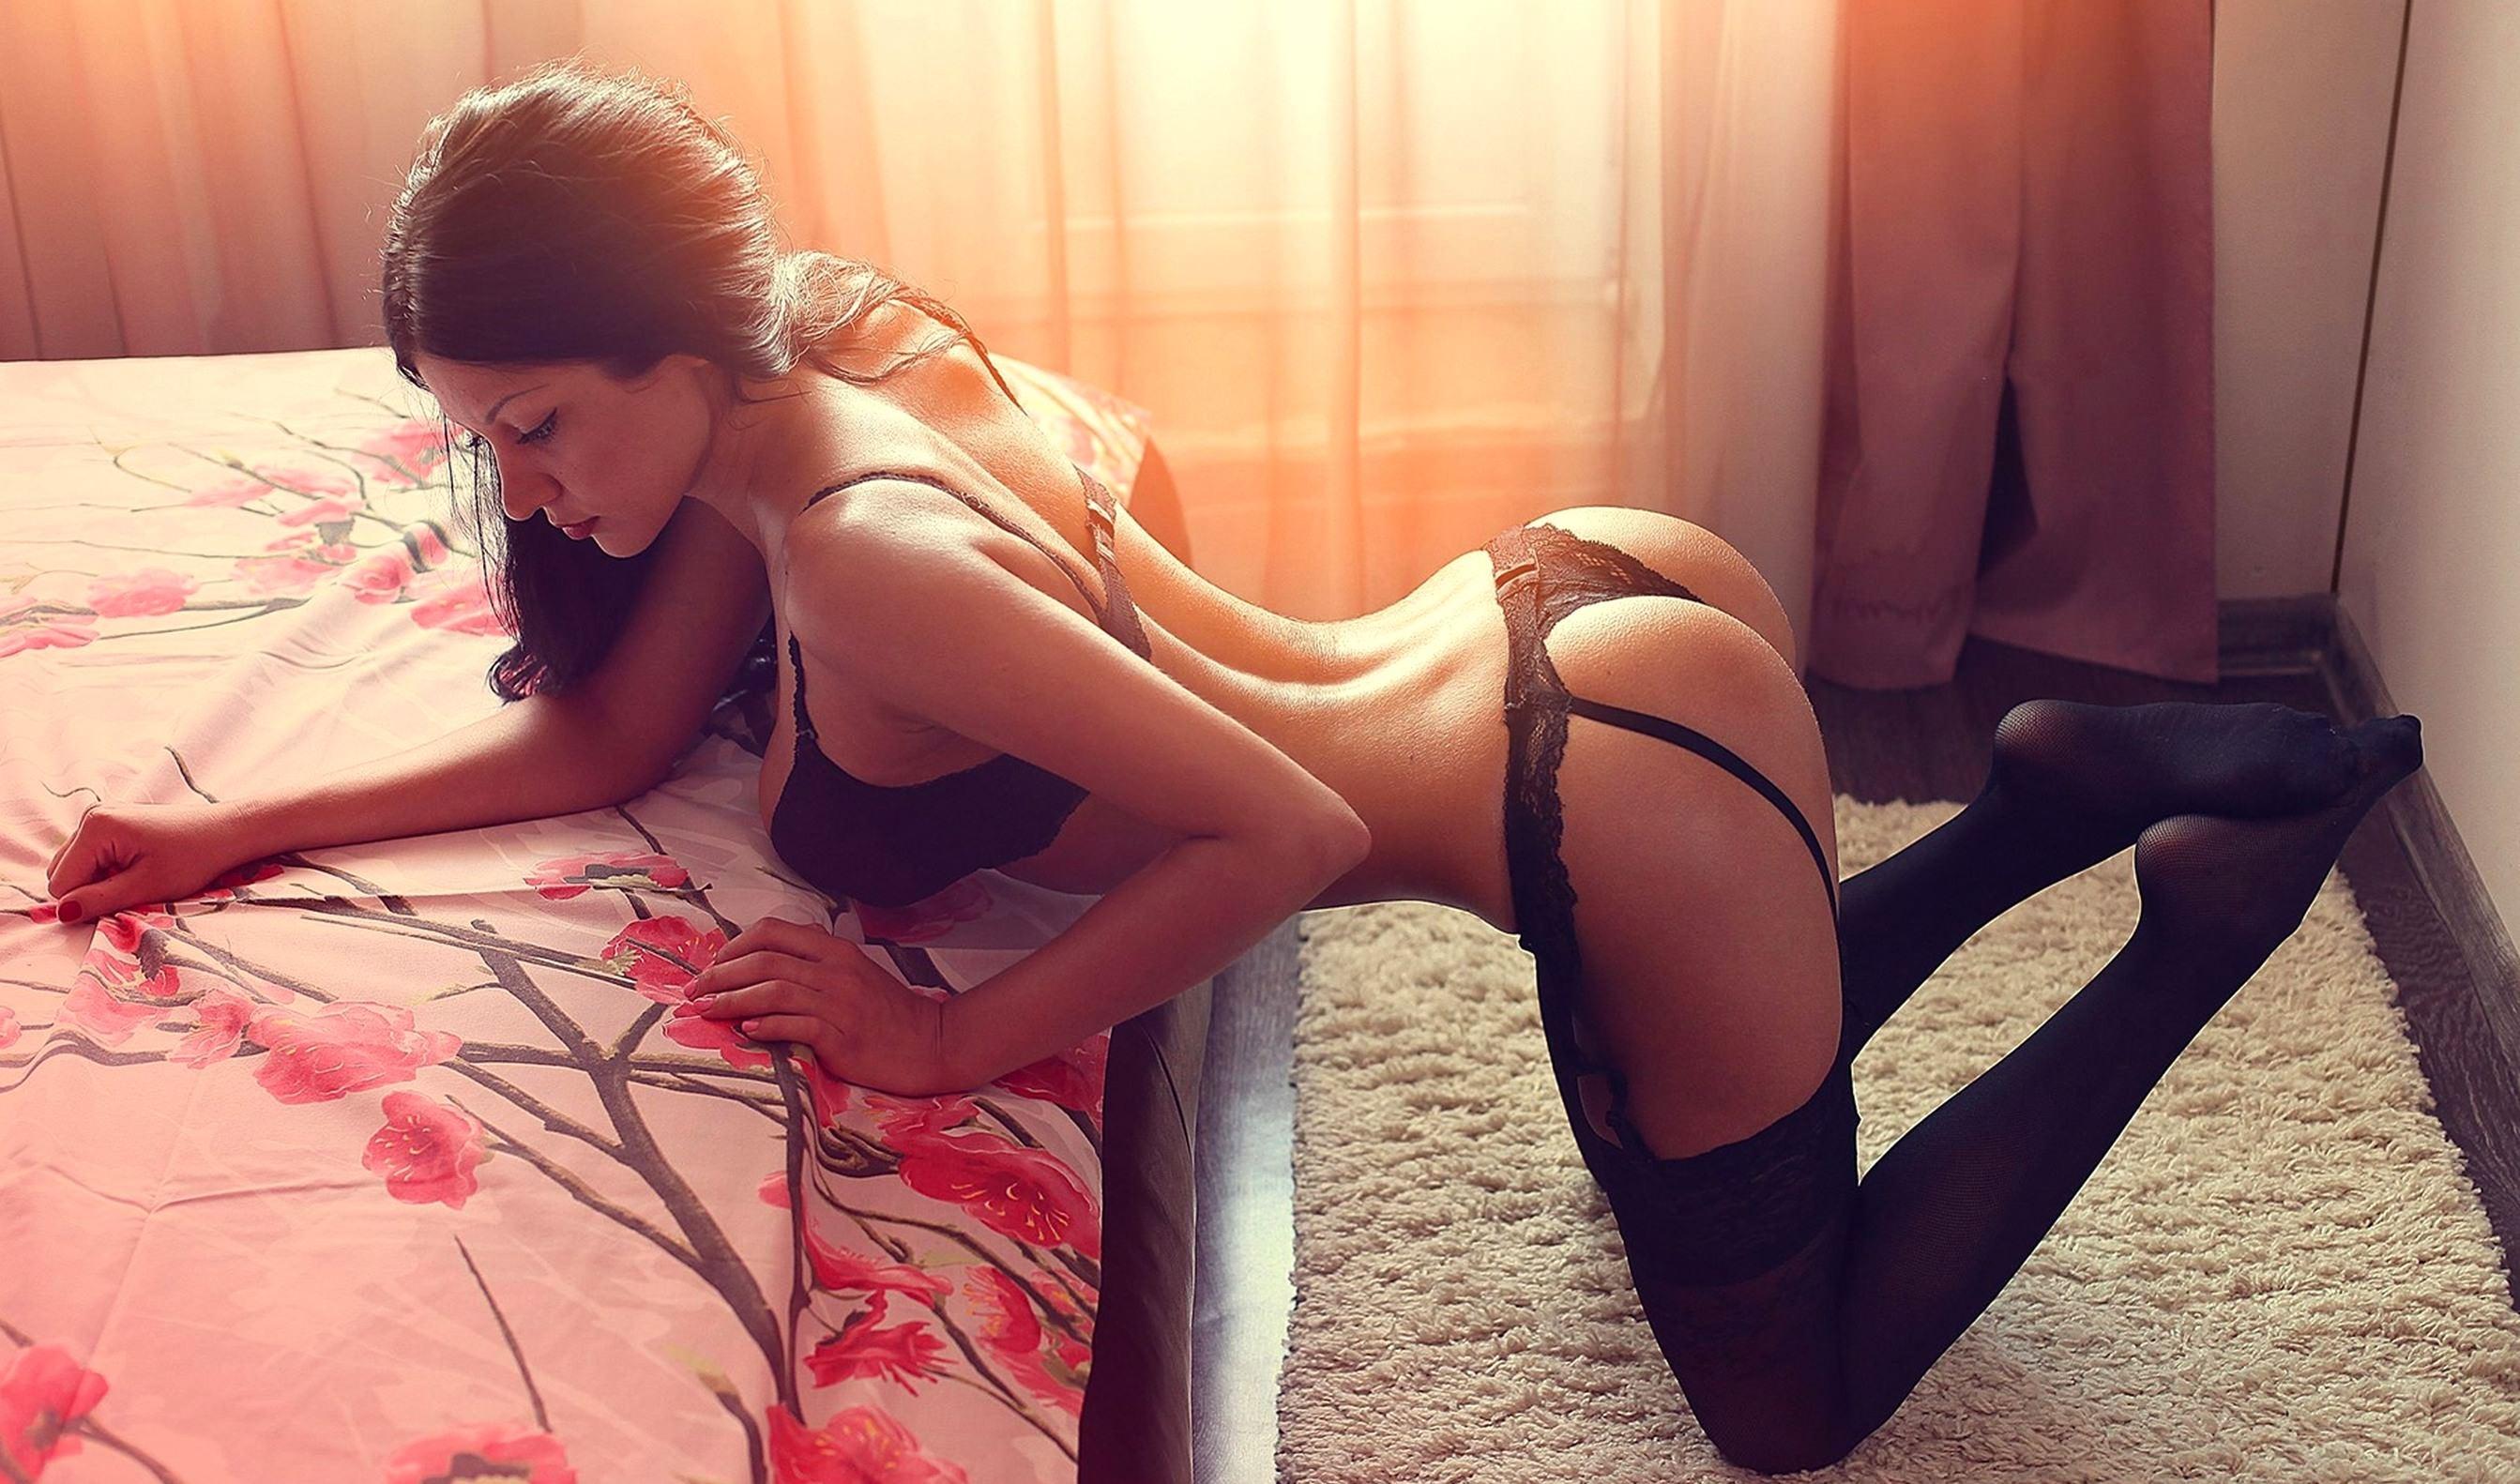 Деревенская брюнетка с большой попой позирует на кровати  681803